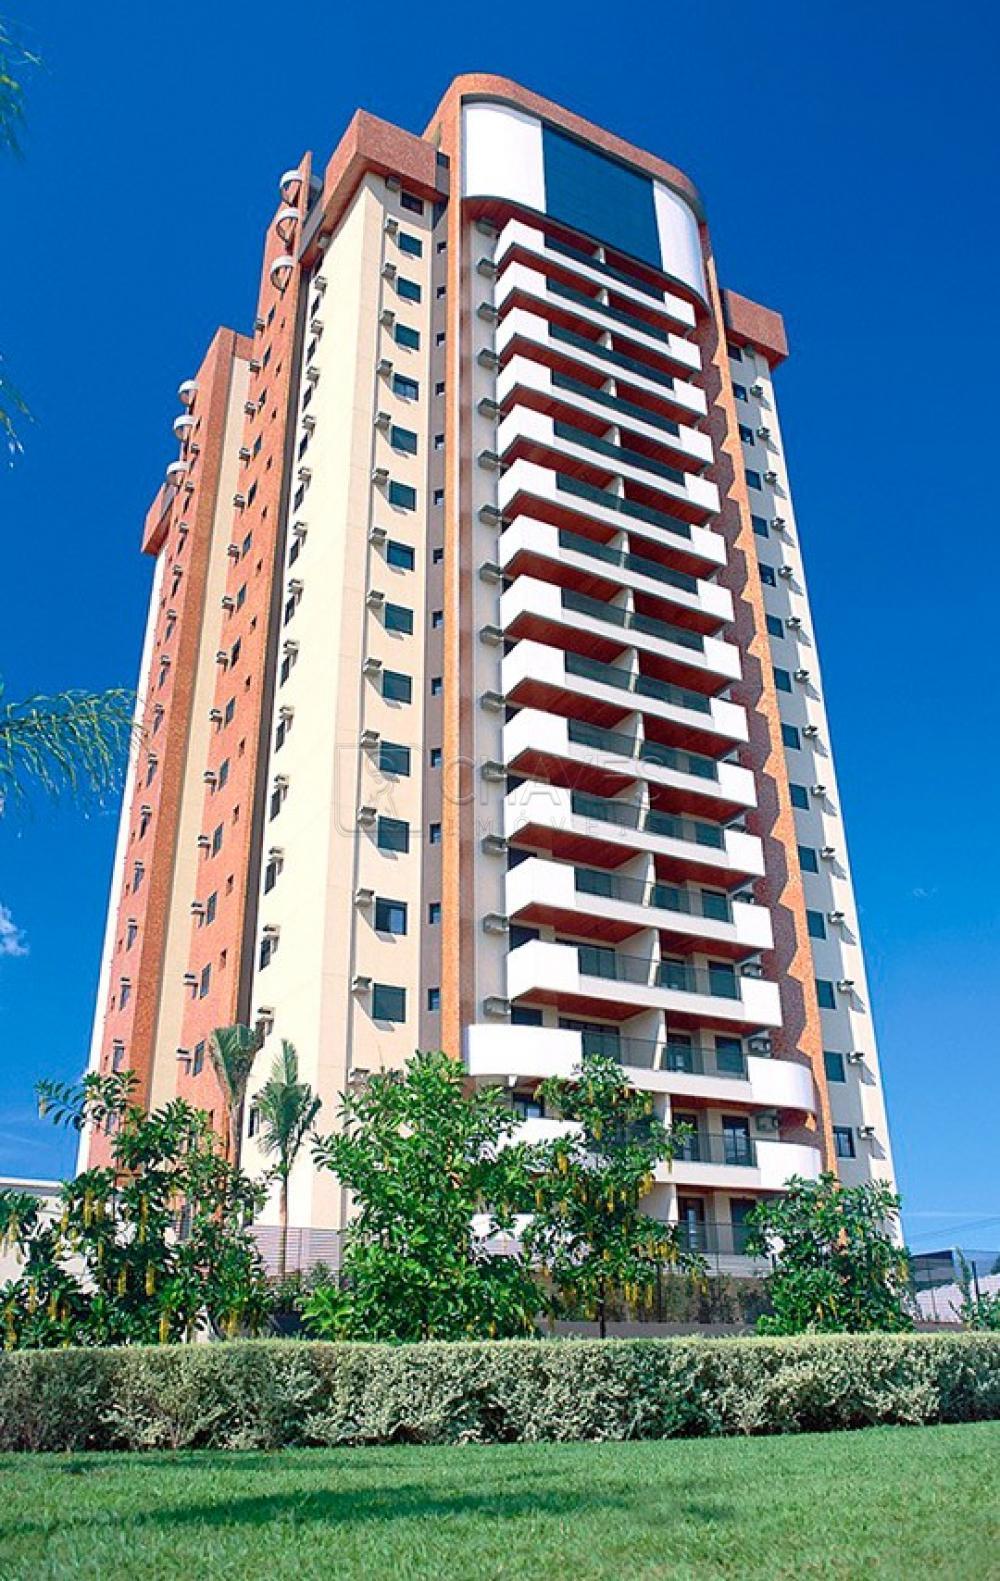 Comprar Apartamento / Padrão em Ribeirão Preto apenas R$ 880.000,00 - Foto 1